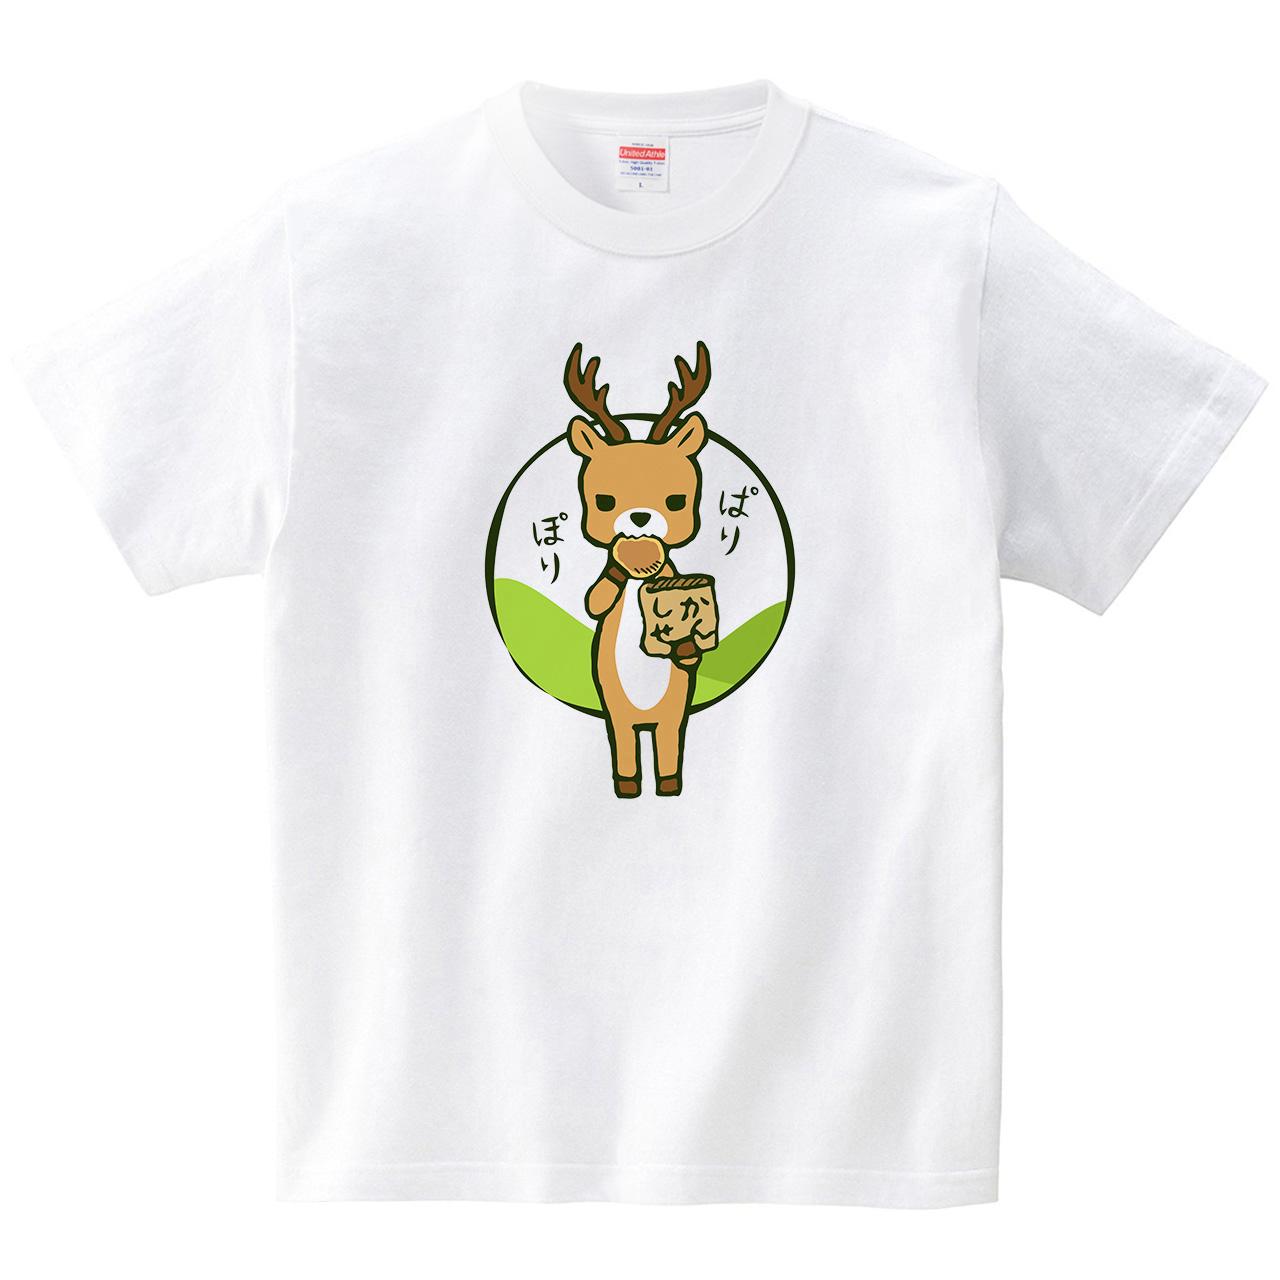 しかせん(Tシャツ・ホワイト)(あずき*)